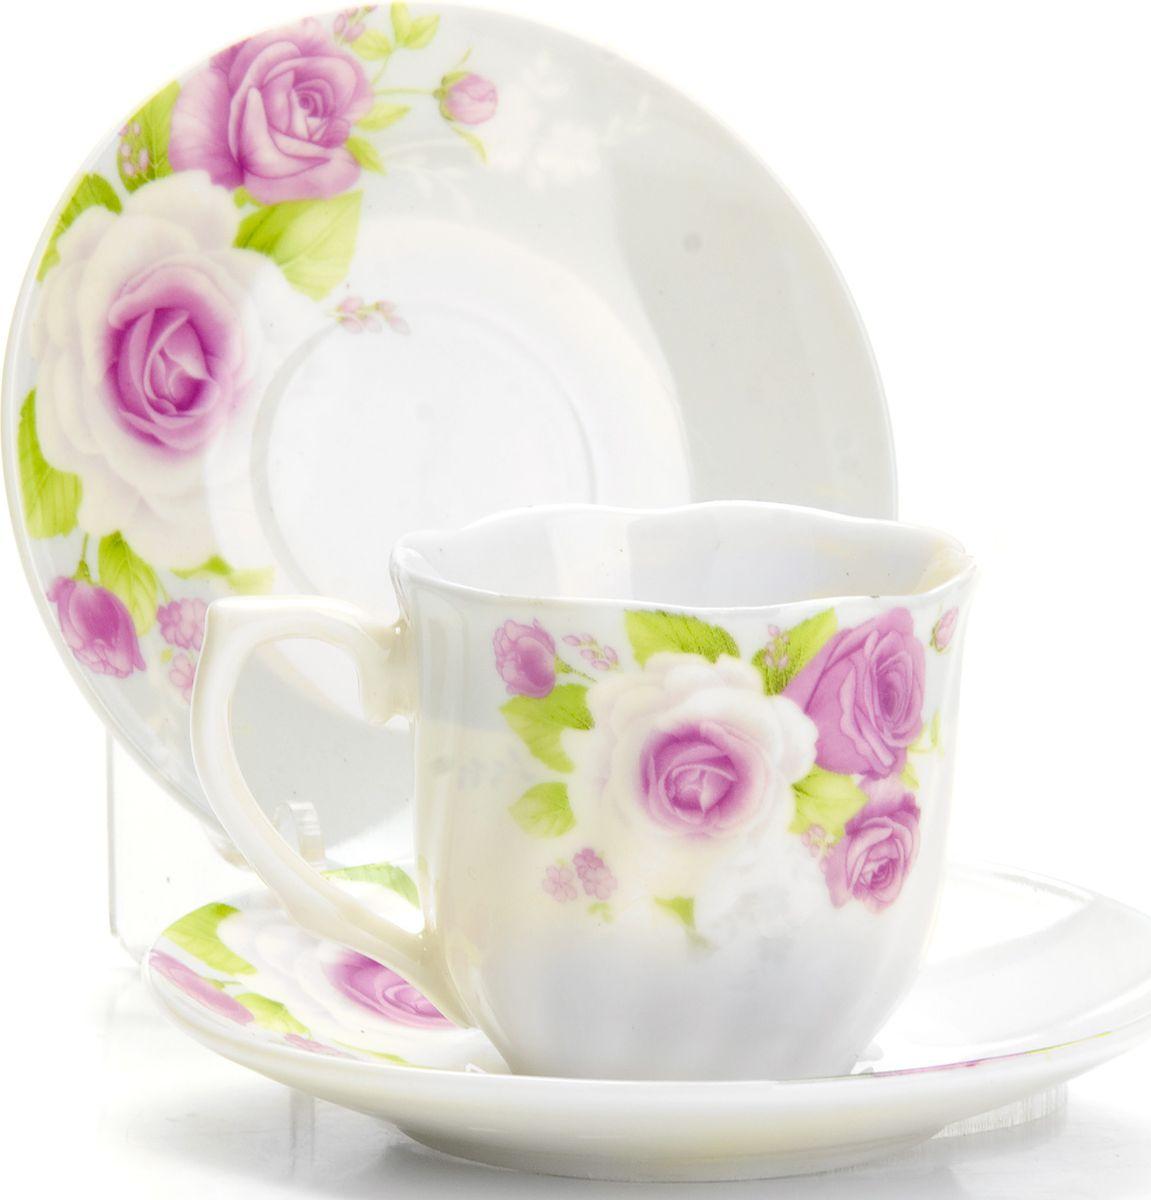 Набор кофейный Loraine, 12 предметов. 4332925957Кофейный сервиз на 6 персон изготовлен из качественного фарфора и оформлен красивым цветочным рисунком. Элегантный и удобный кофейный сервиз не только украсит сервировку стола, но и поднимет настроение и превратит процесс чаепития в одно удовольствие.Сервиз состоит из 12 предметов: шести чашек и шести блюдец, упакованных в подарочную коробку. Чашки имеют удобную, изящную ручку. Изделия легко и просто мыть. Кофейный сервиз прекрасно подойдет в качестве подарка для родных и друзей на любой праздник!Диаметр чашки: 6 см.Высота чашки: 5,5 см.Объем чашки: 80 мл.Диаметр блюдца: 11 см.